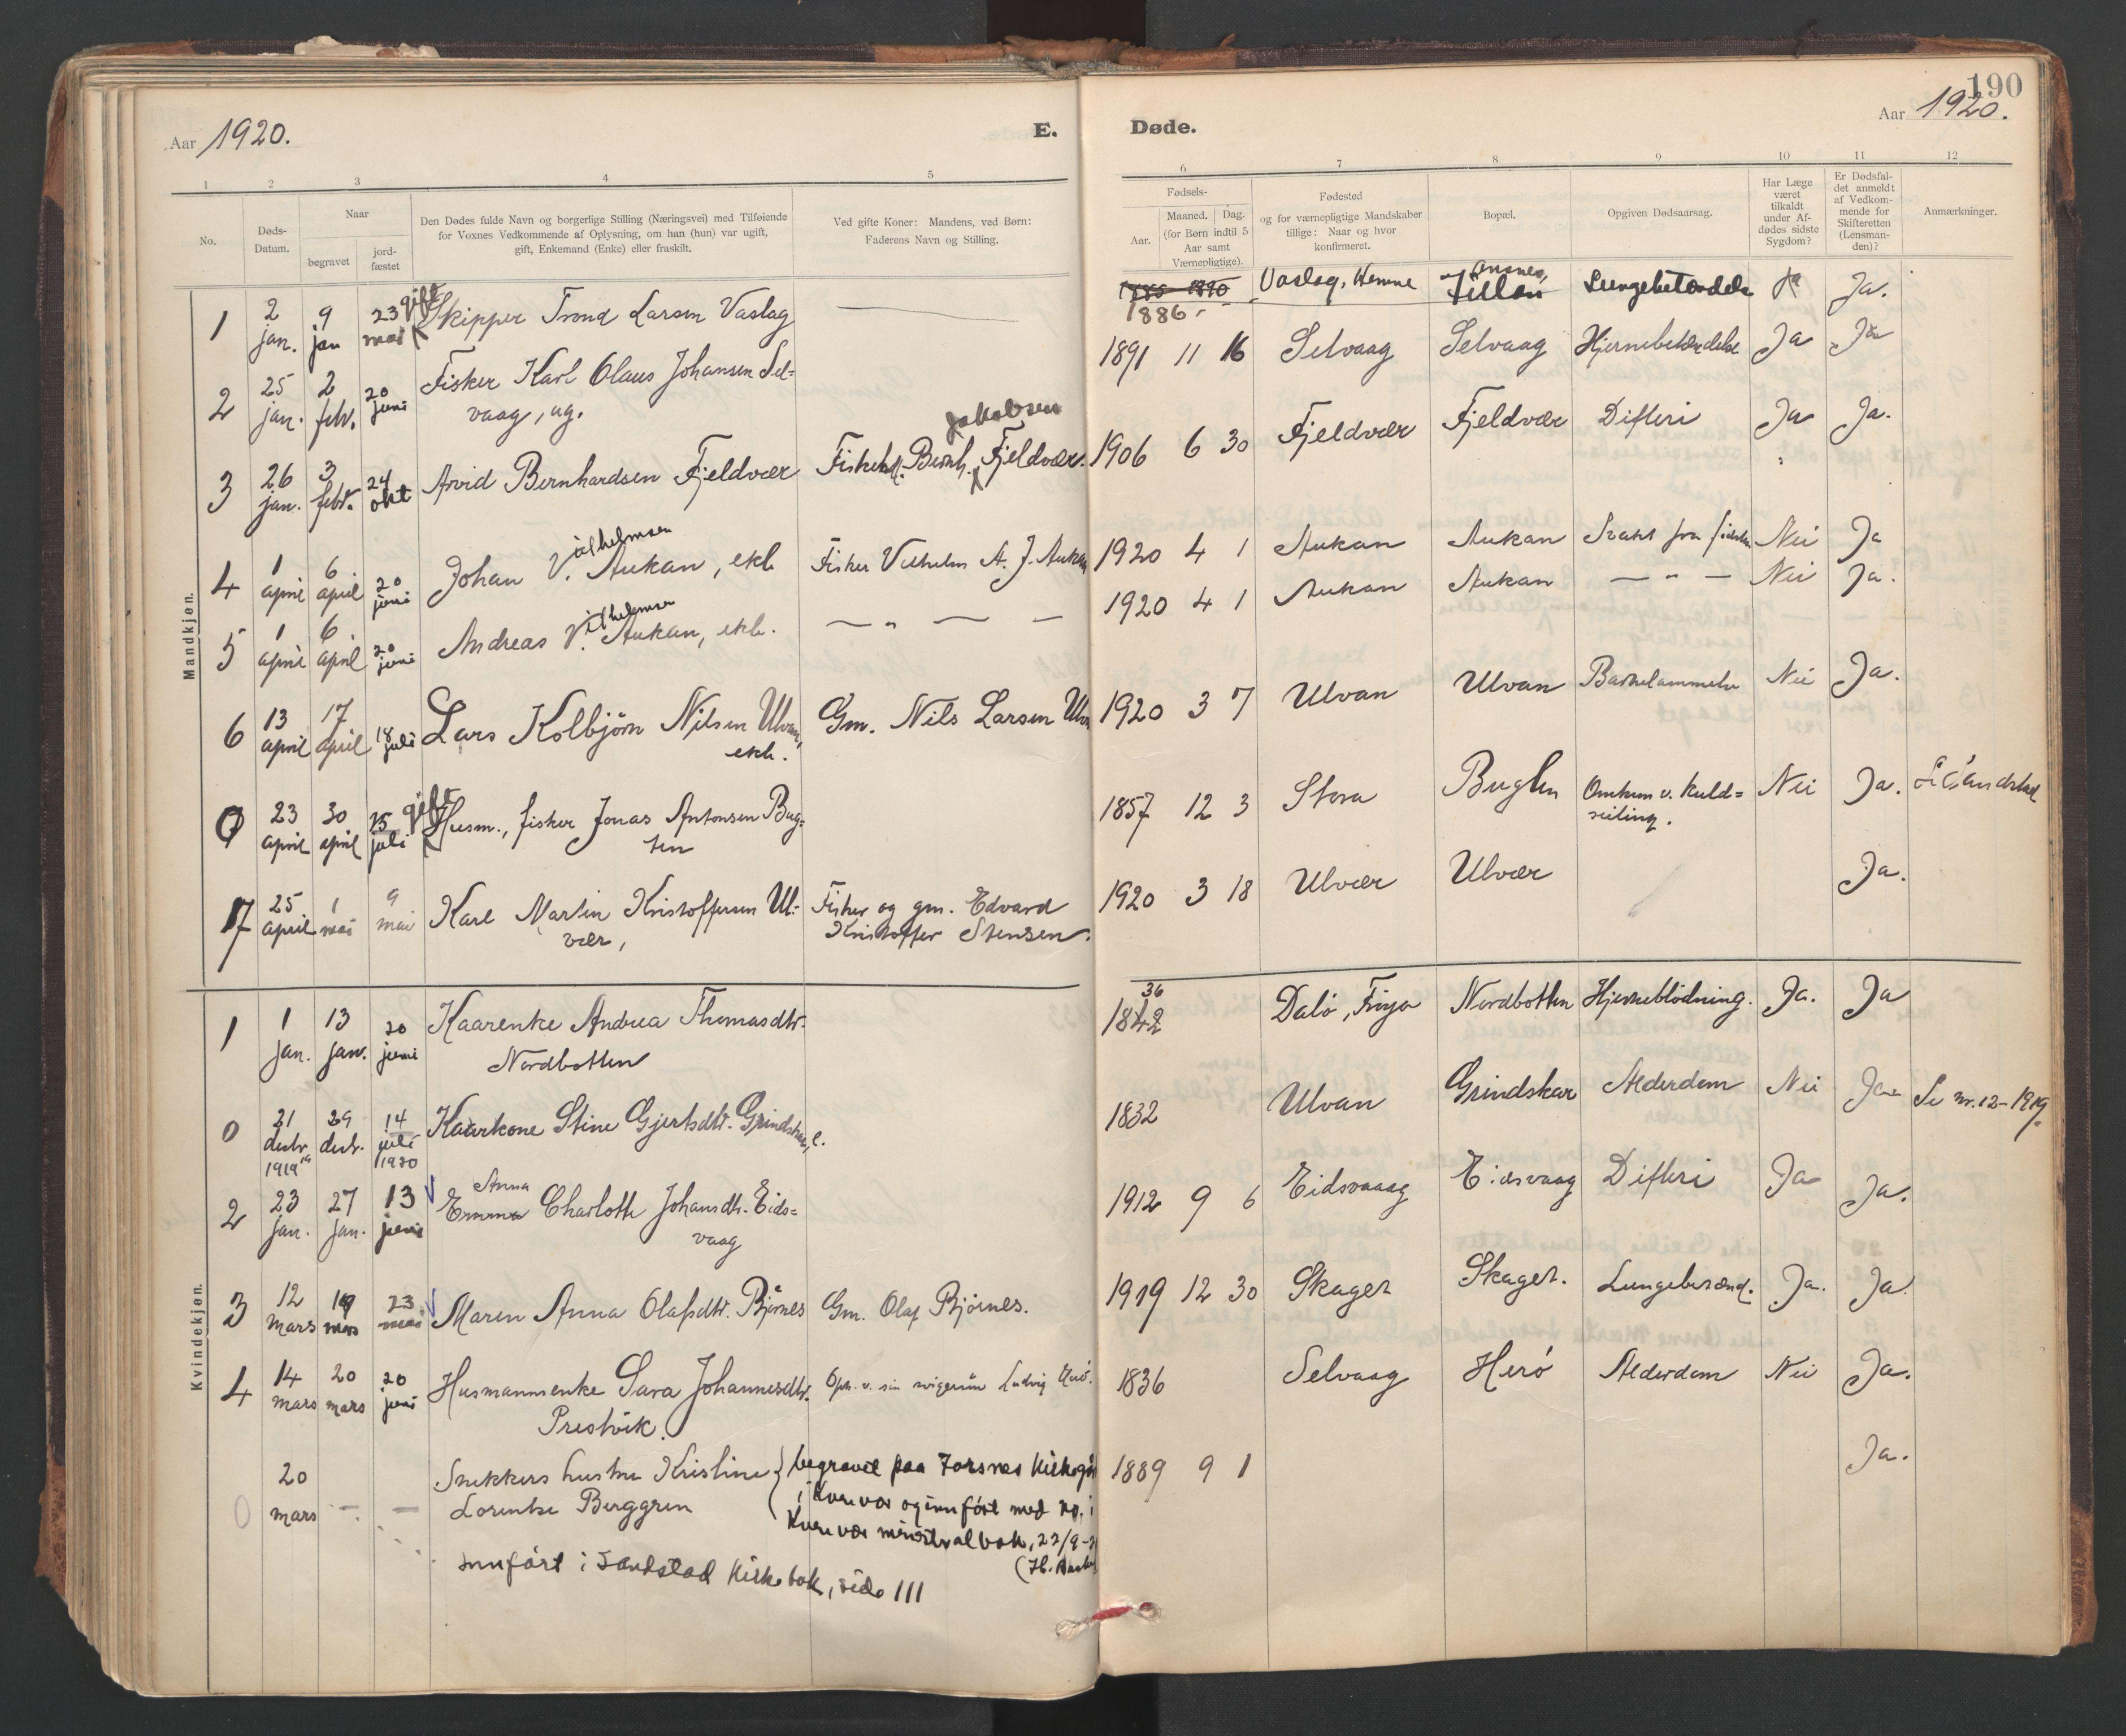 SAT, Ministerialprotokoller, klokkerbøker og fødselsregistre - Sør-Trøndelag, 637/L0559: Ministerialbok nr. 637A02, 1899-1923, s. 190